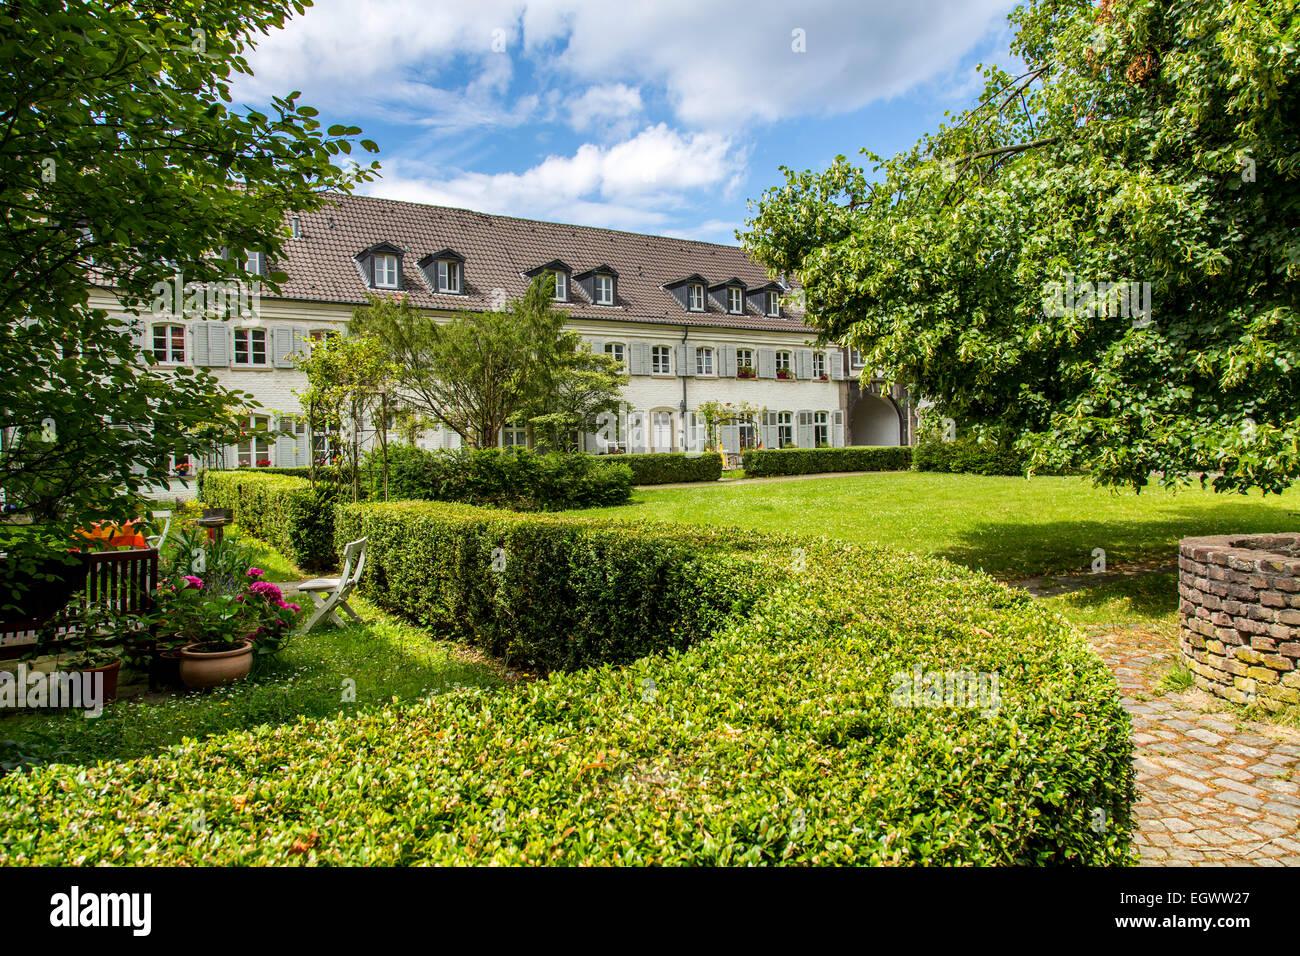 Buildings of Saarn monastery in Mülheim, Germany Stock Photo